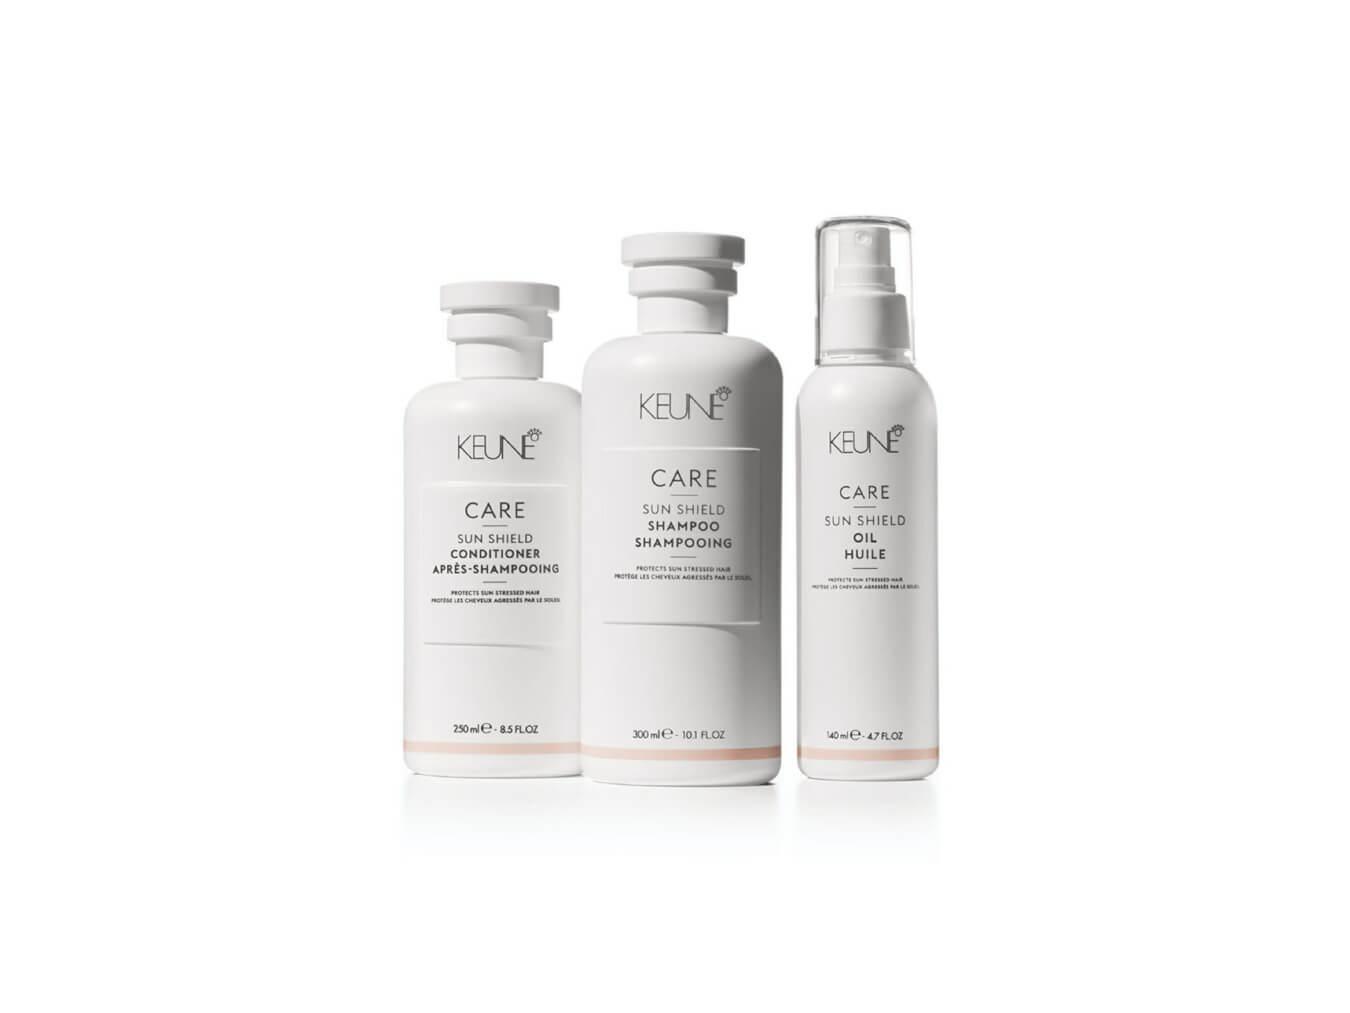 Starker Haarschutz gegen Sonne und andere Witterungseinflüsse ist auf Hardy's Keuze zu finden. Sehen Sie sich die Produkte von Keune Care Sun Shield an.